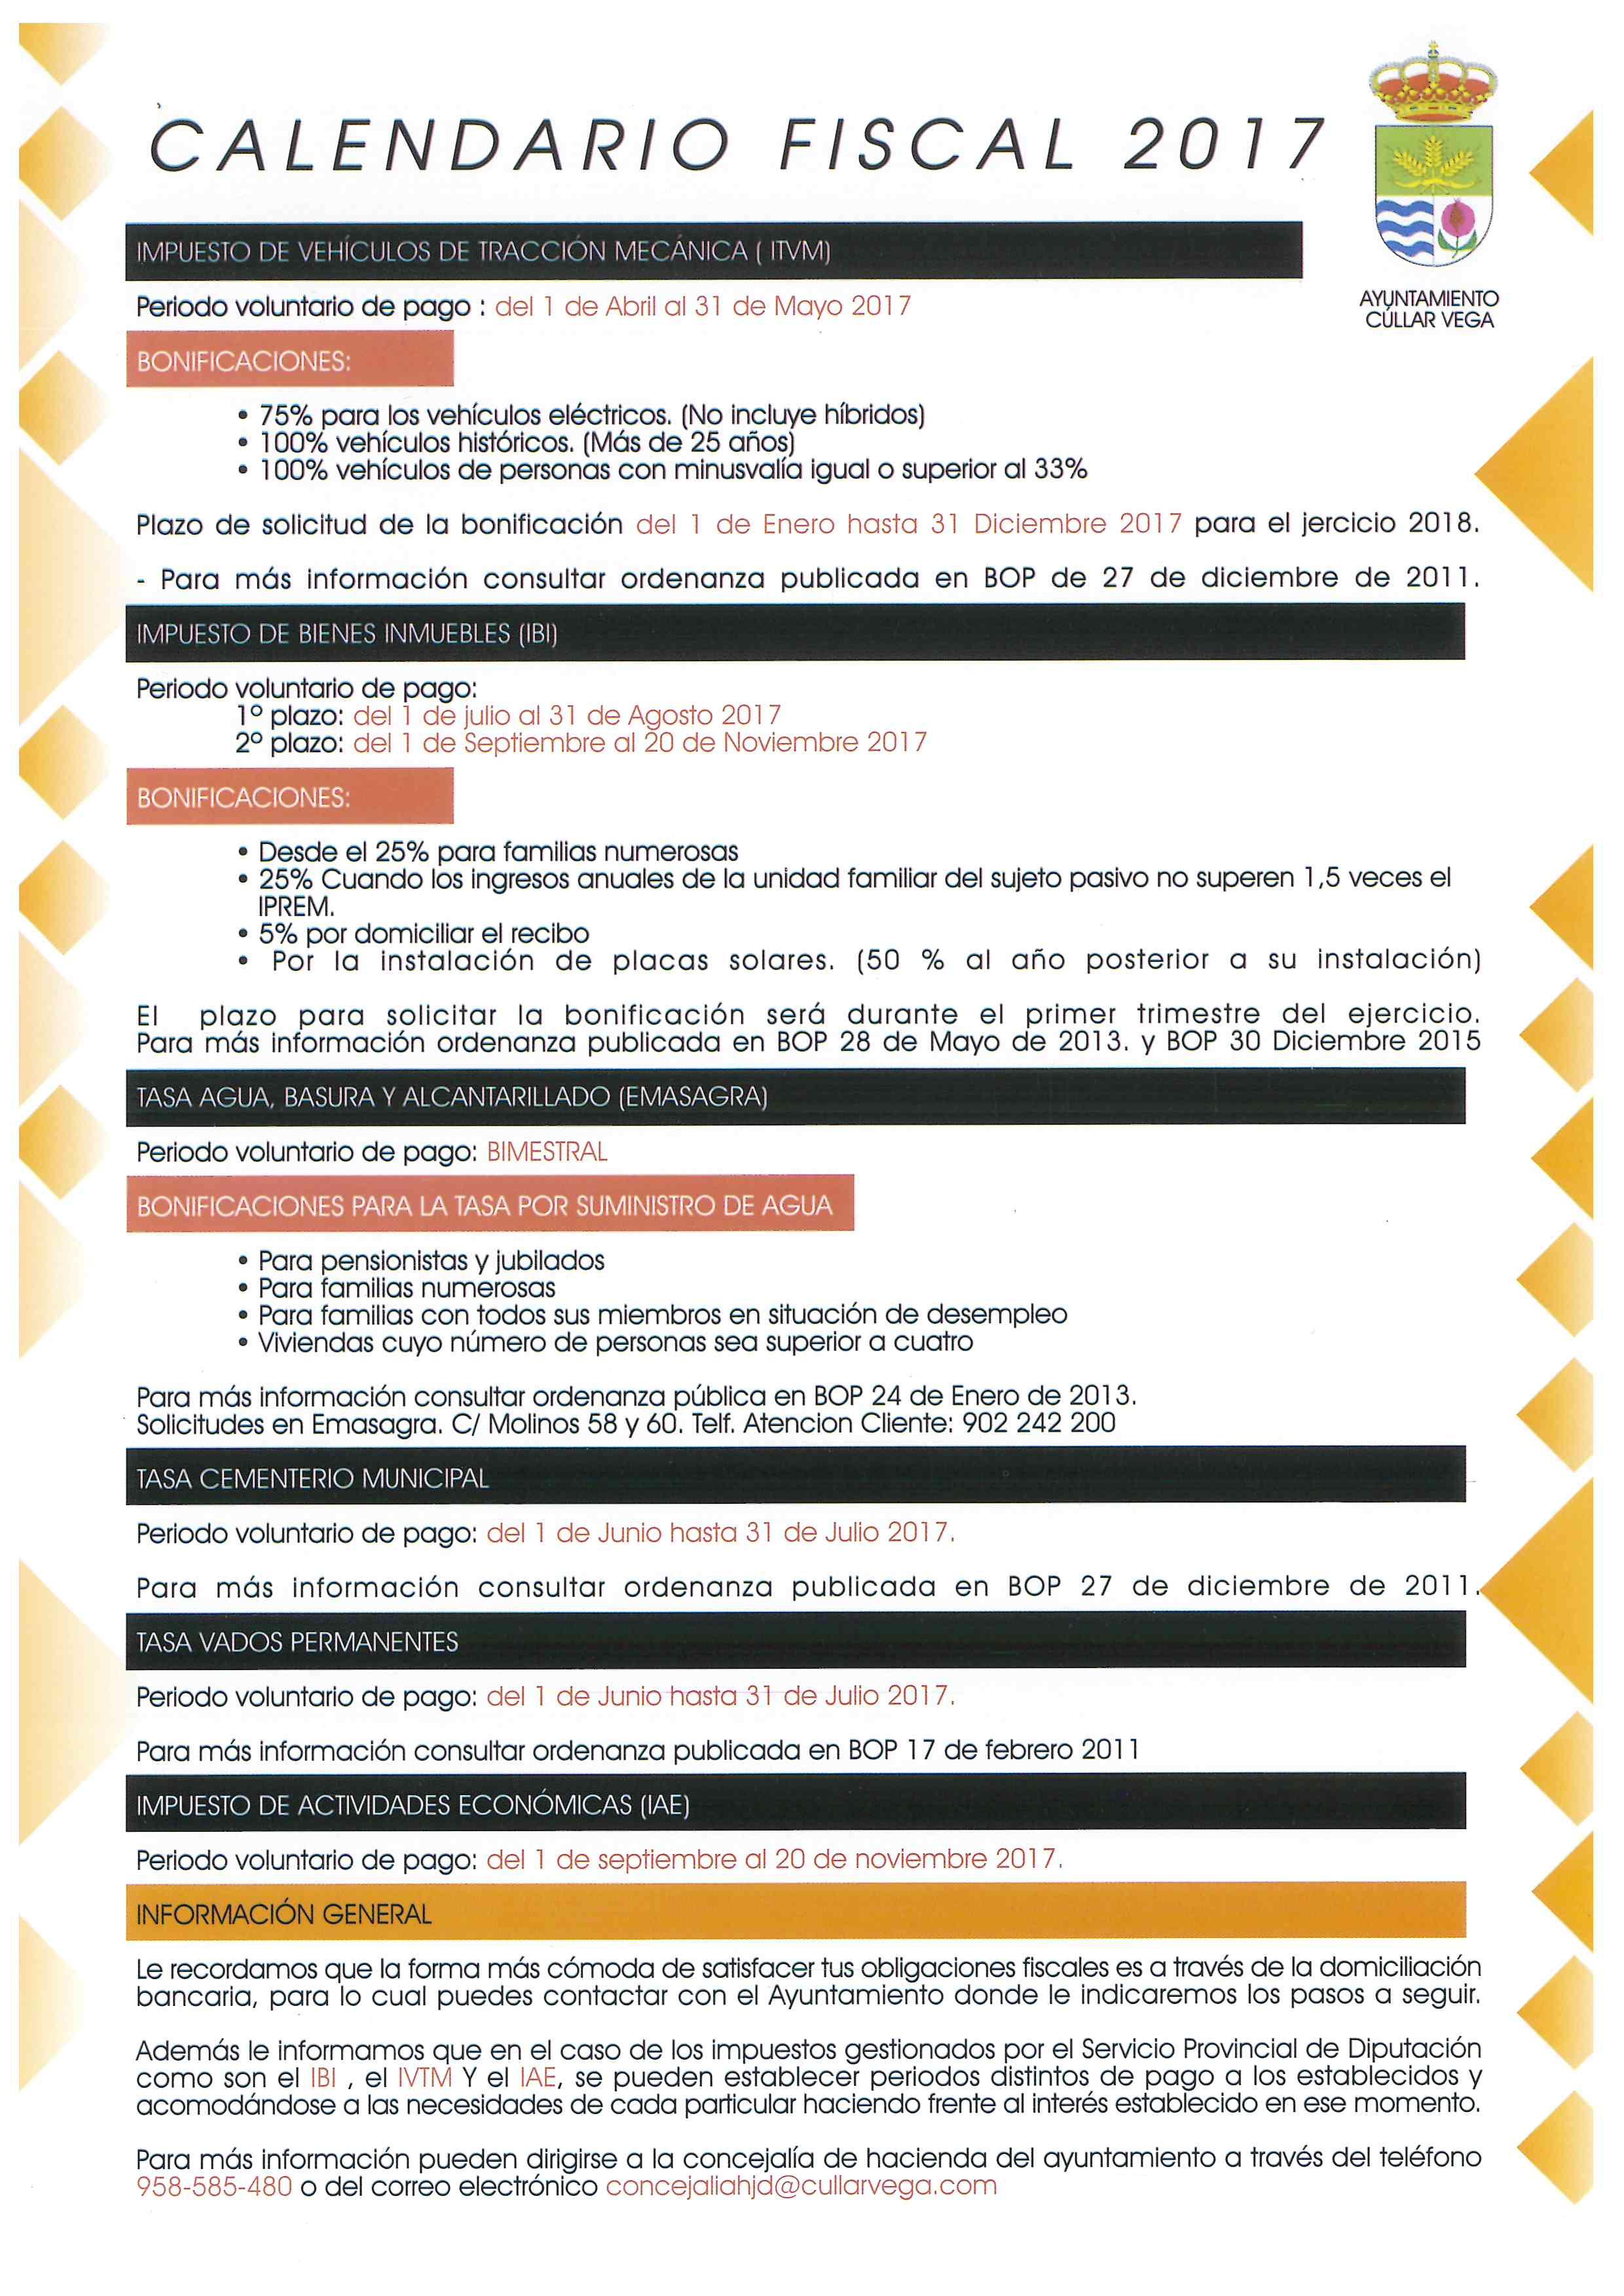 Calendario Fiscal 2017 e Información sobre Bonificaciones